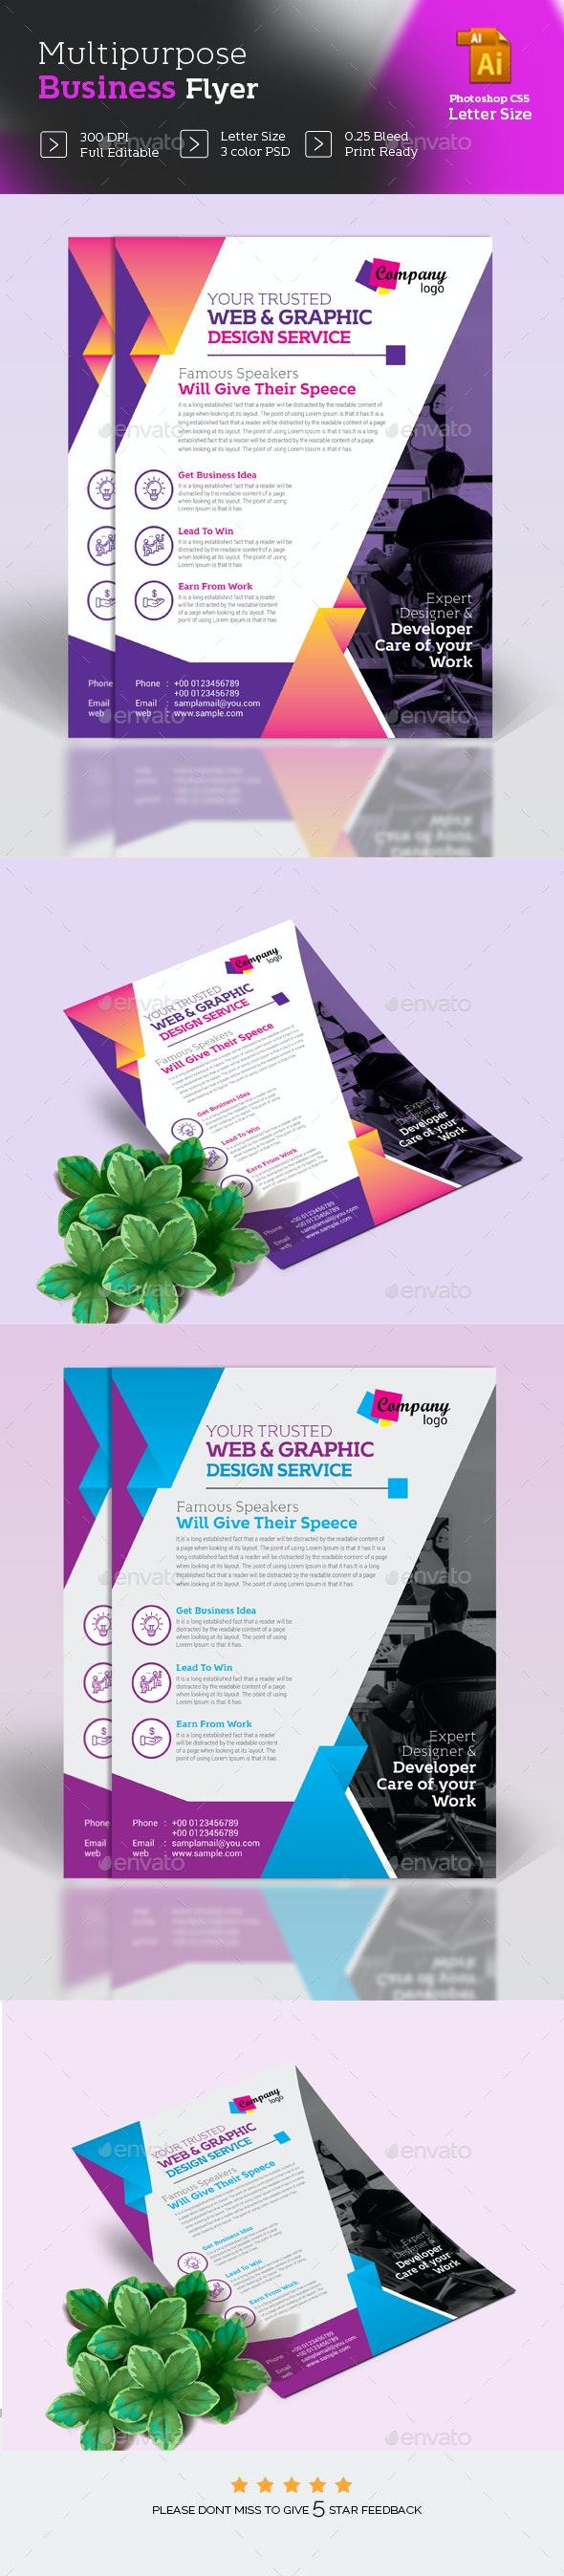 Digital Agency Flyer - Corporate Flyers